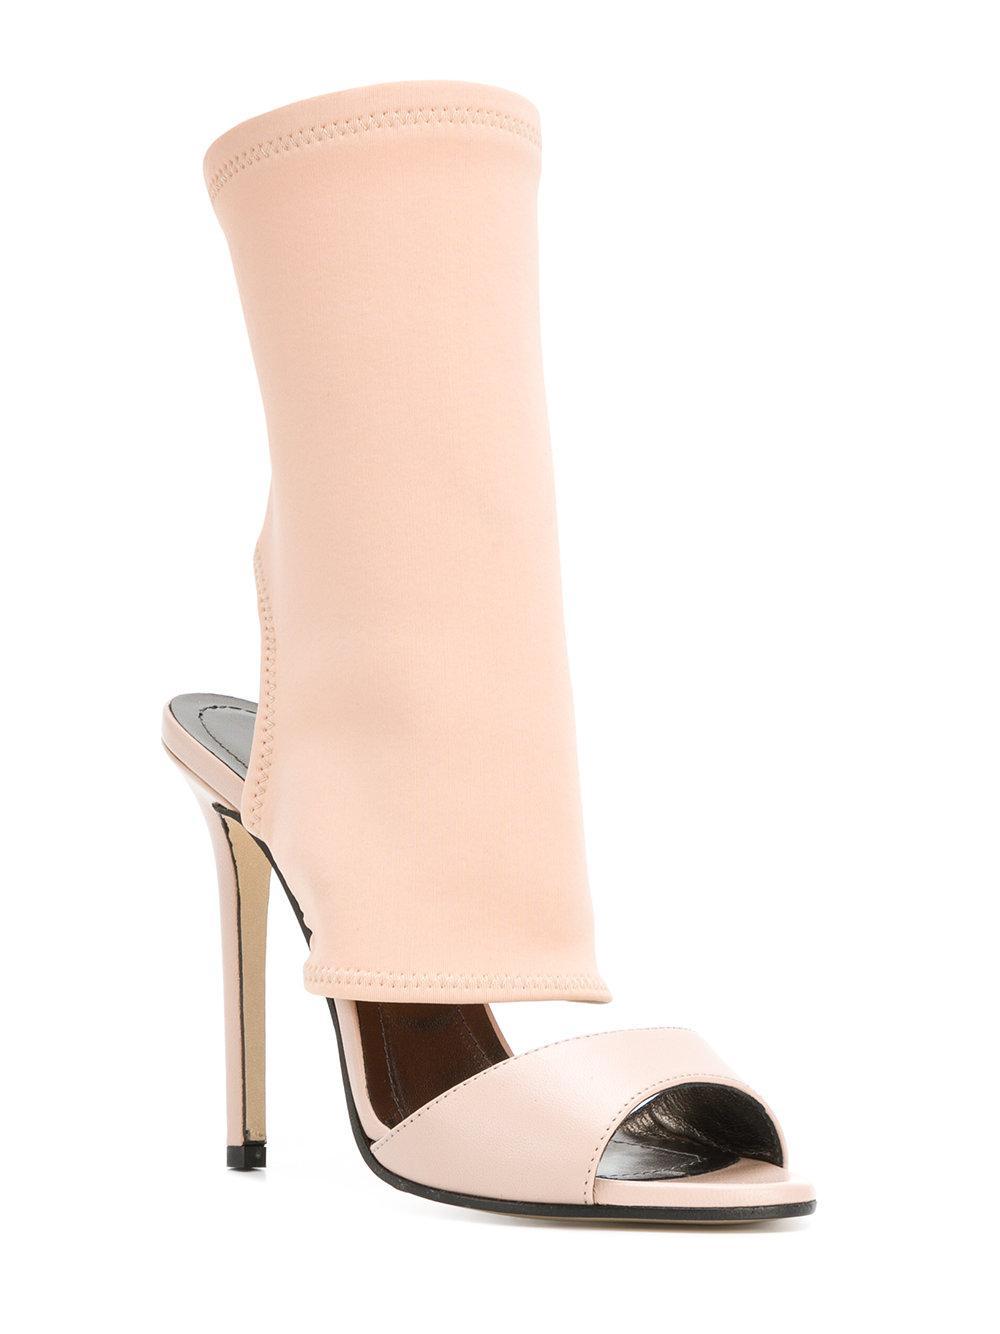 sock style cut out detail sandals - Nude & Neutrals Marc Ellis FTmdscSU5